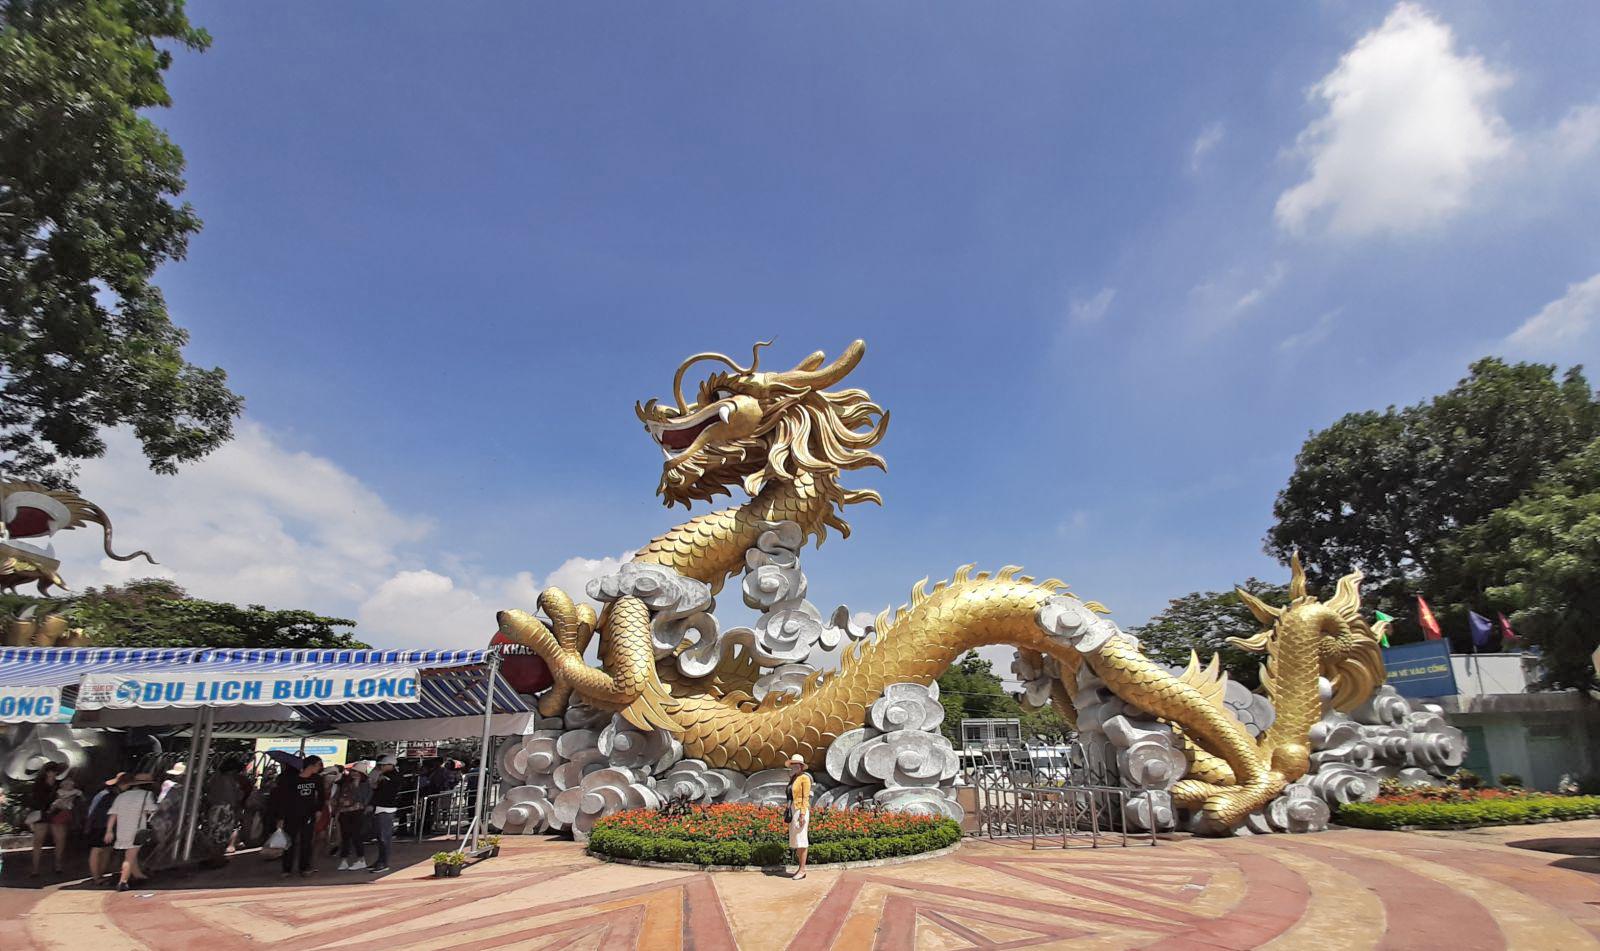 Tạo hình Rồng vàng trước cổng Khu du lịch đón chào du khách gần xa. Để đến nơi này, du khách chỉ di chuyển khoảng 7km từ trung tâm thành phố Biên Hòa.